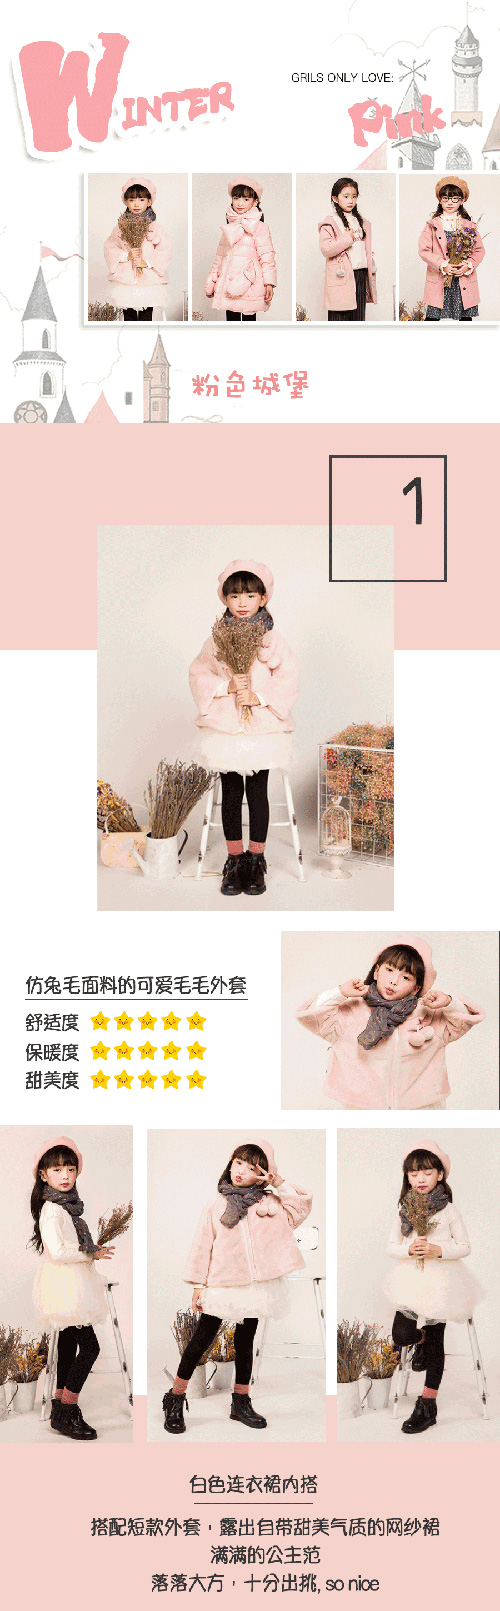 海贝童装WINTER新款丨粉色&潮味